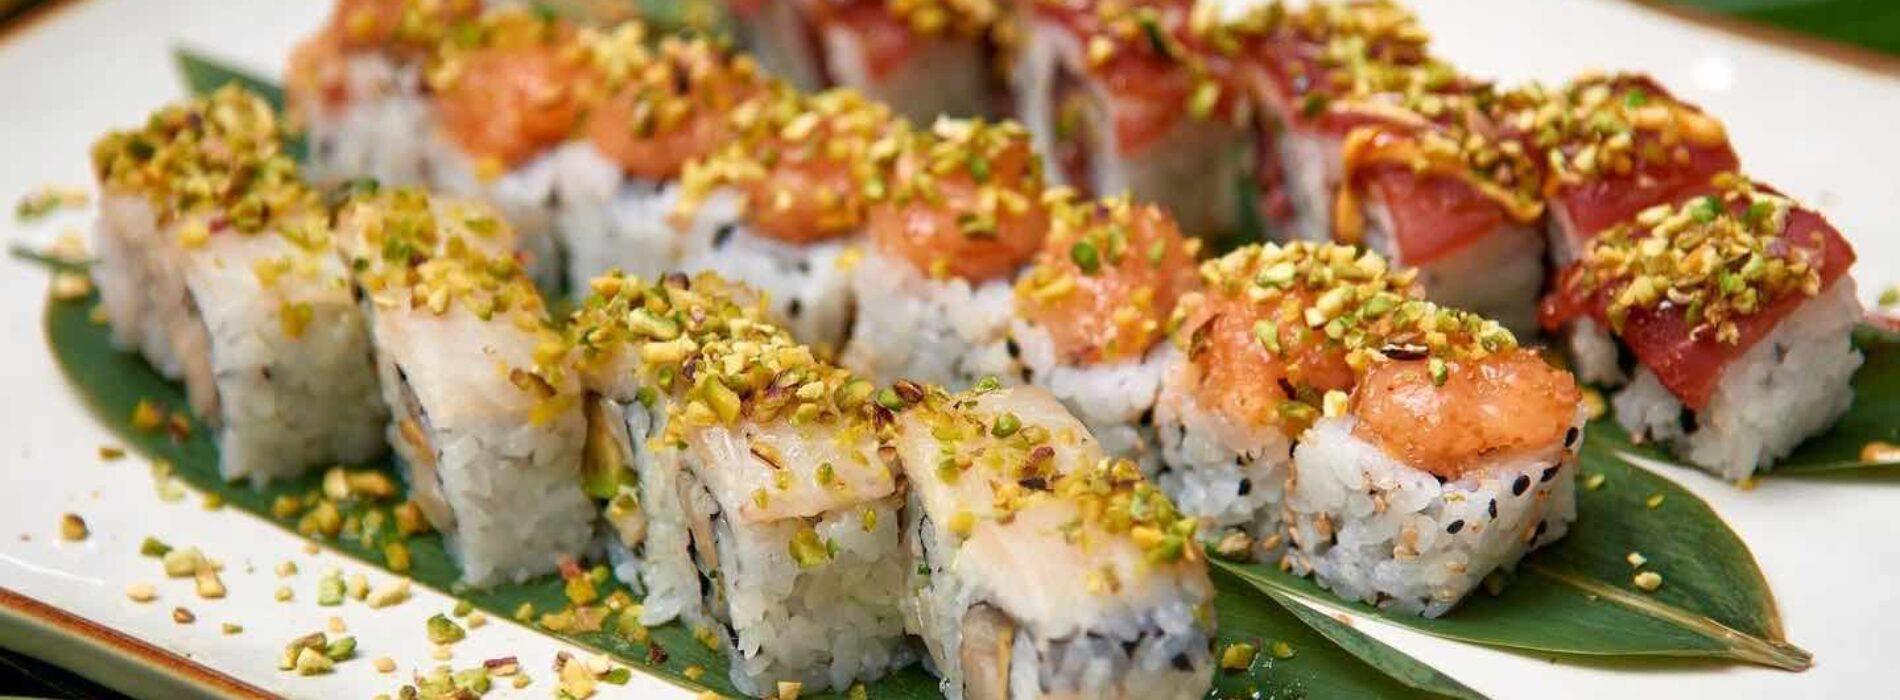 Sushi a domicilio a Roma, i migliori ristoranti giapponesi per delivery e take away